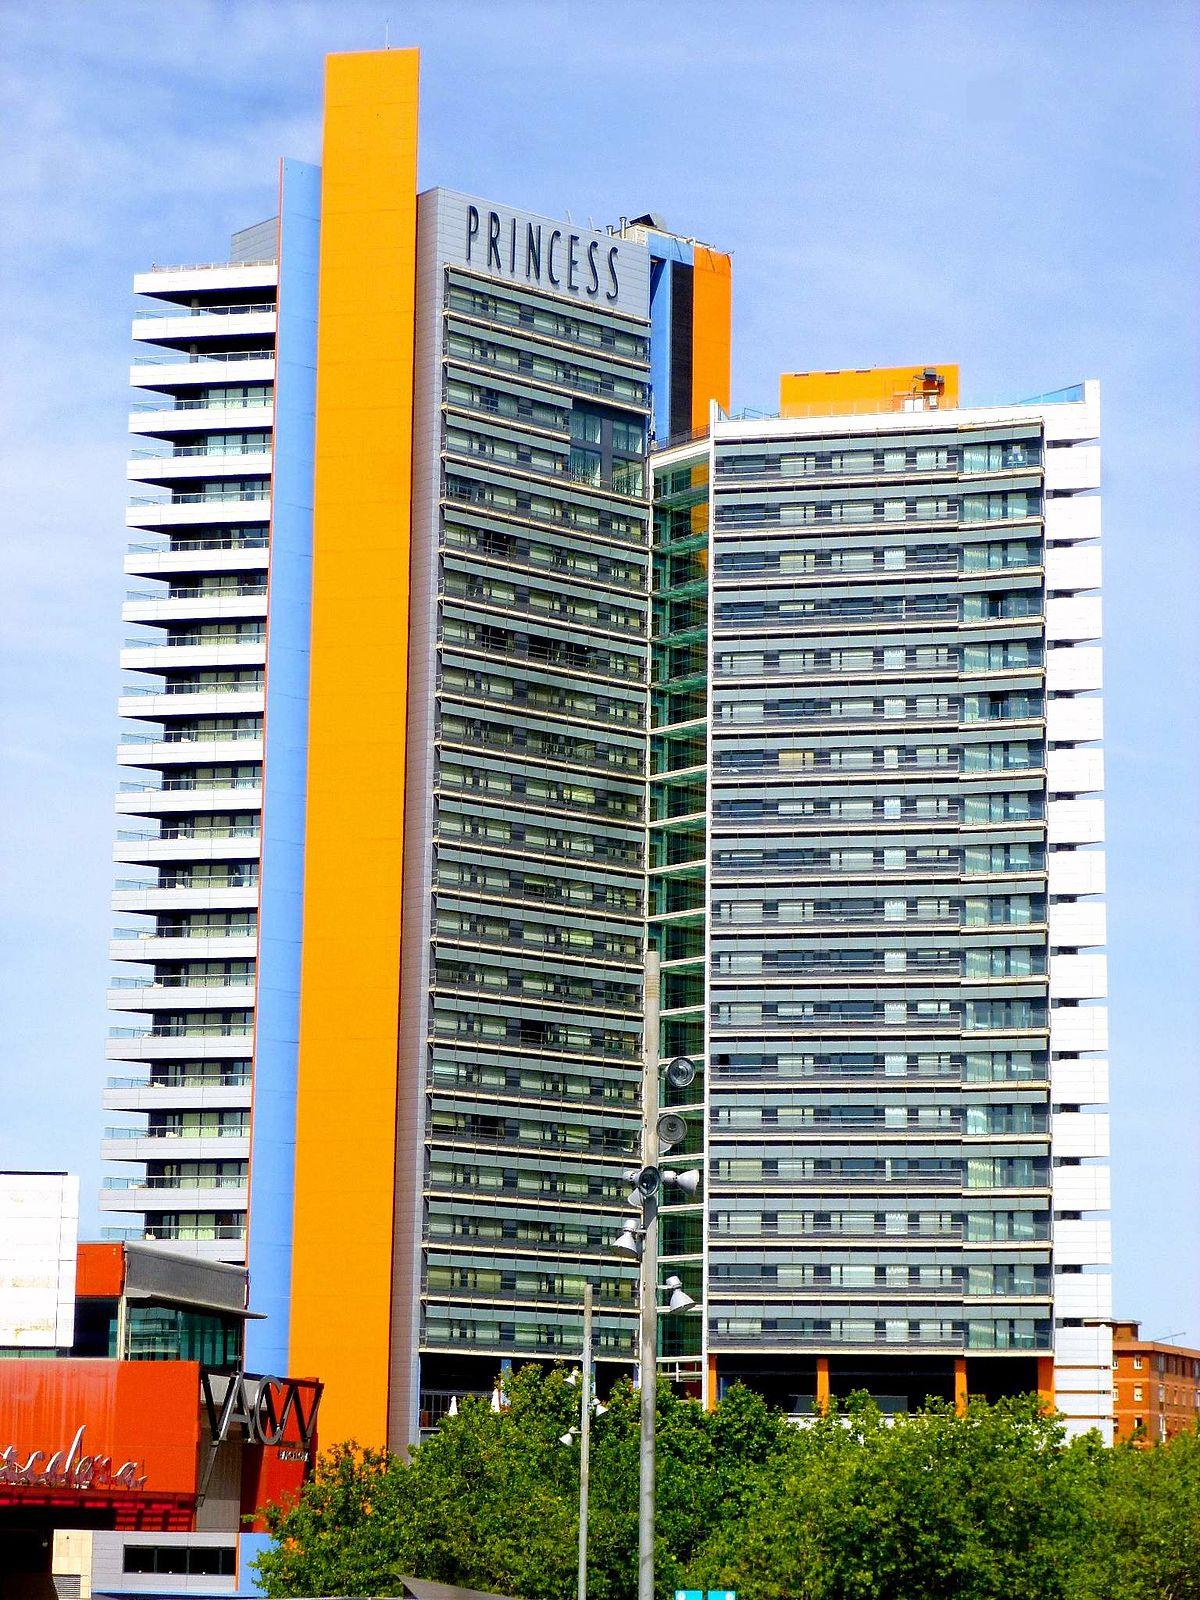 Hotel princess barcelona viquip dia l 39 enciclop dia lliure for Hotel barcelona barcelona